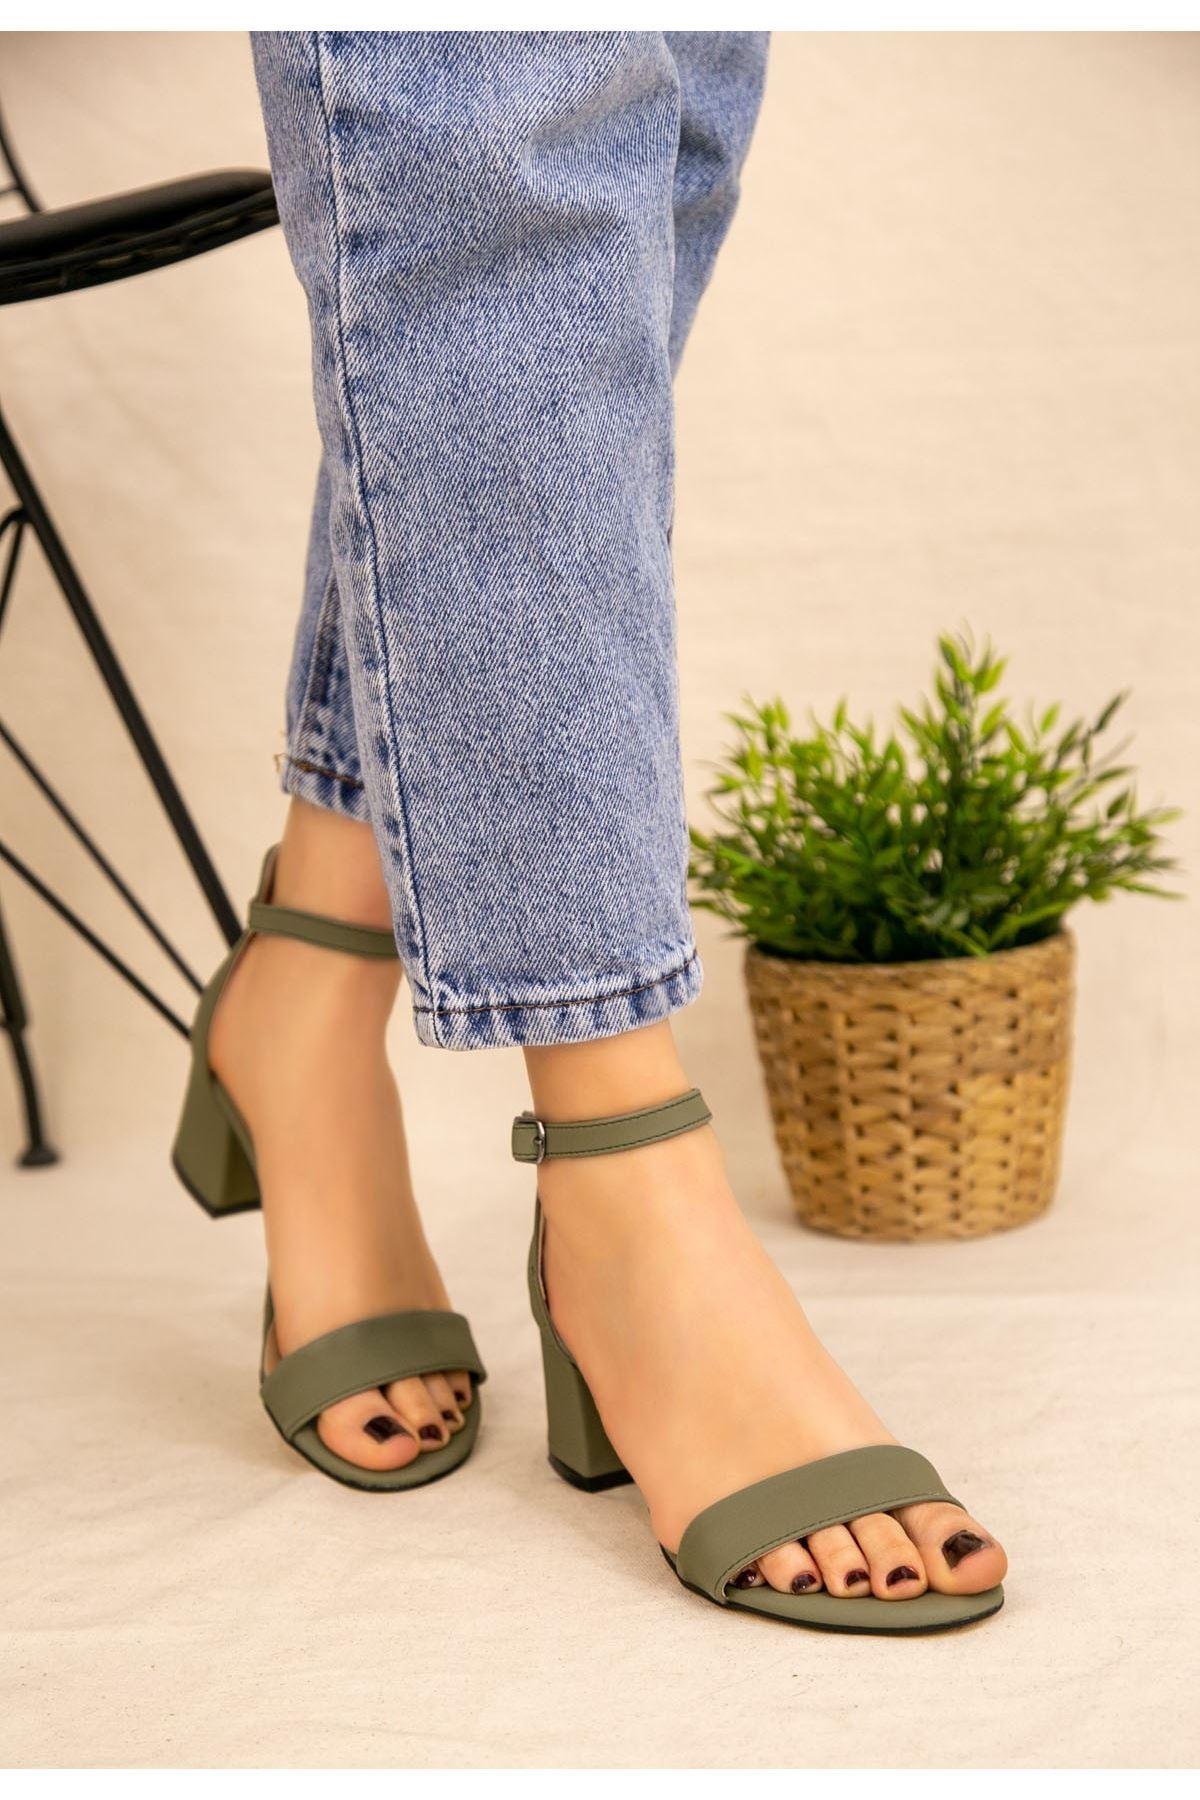 Epon Yeşil Cilt Tek Bant Topuklu Ayakkabı